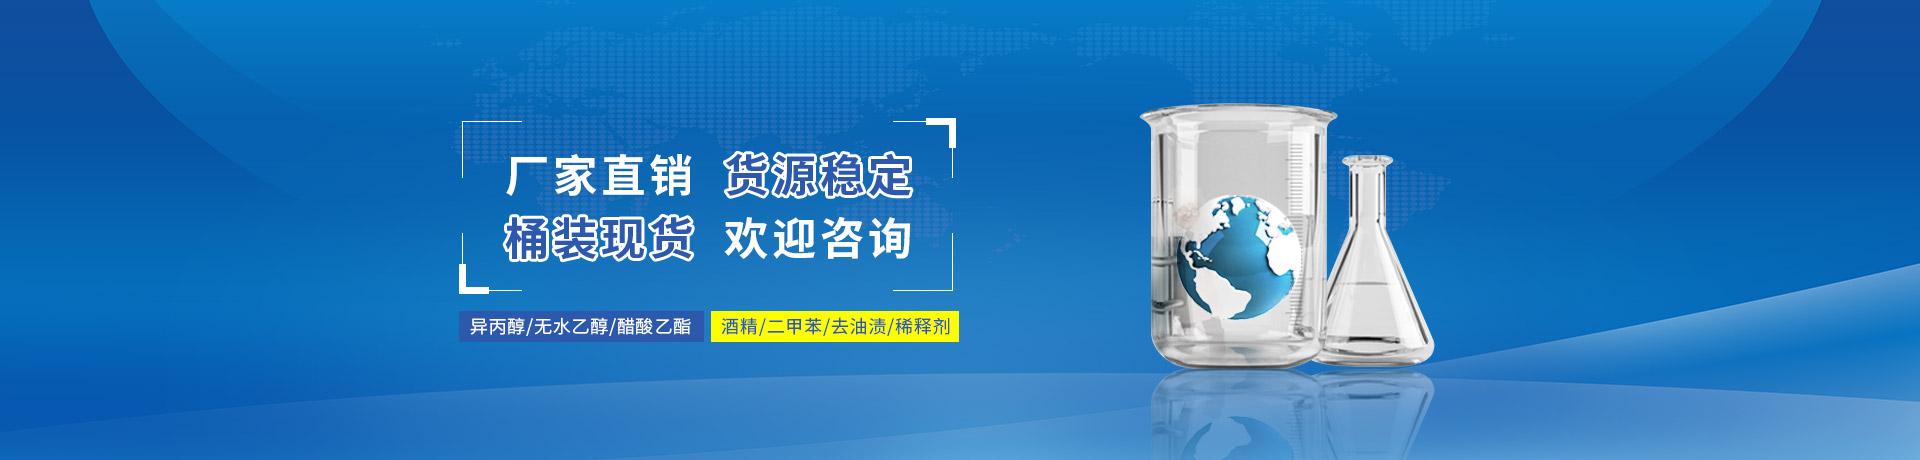 上海粤钦化工有限公司